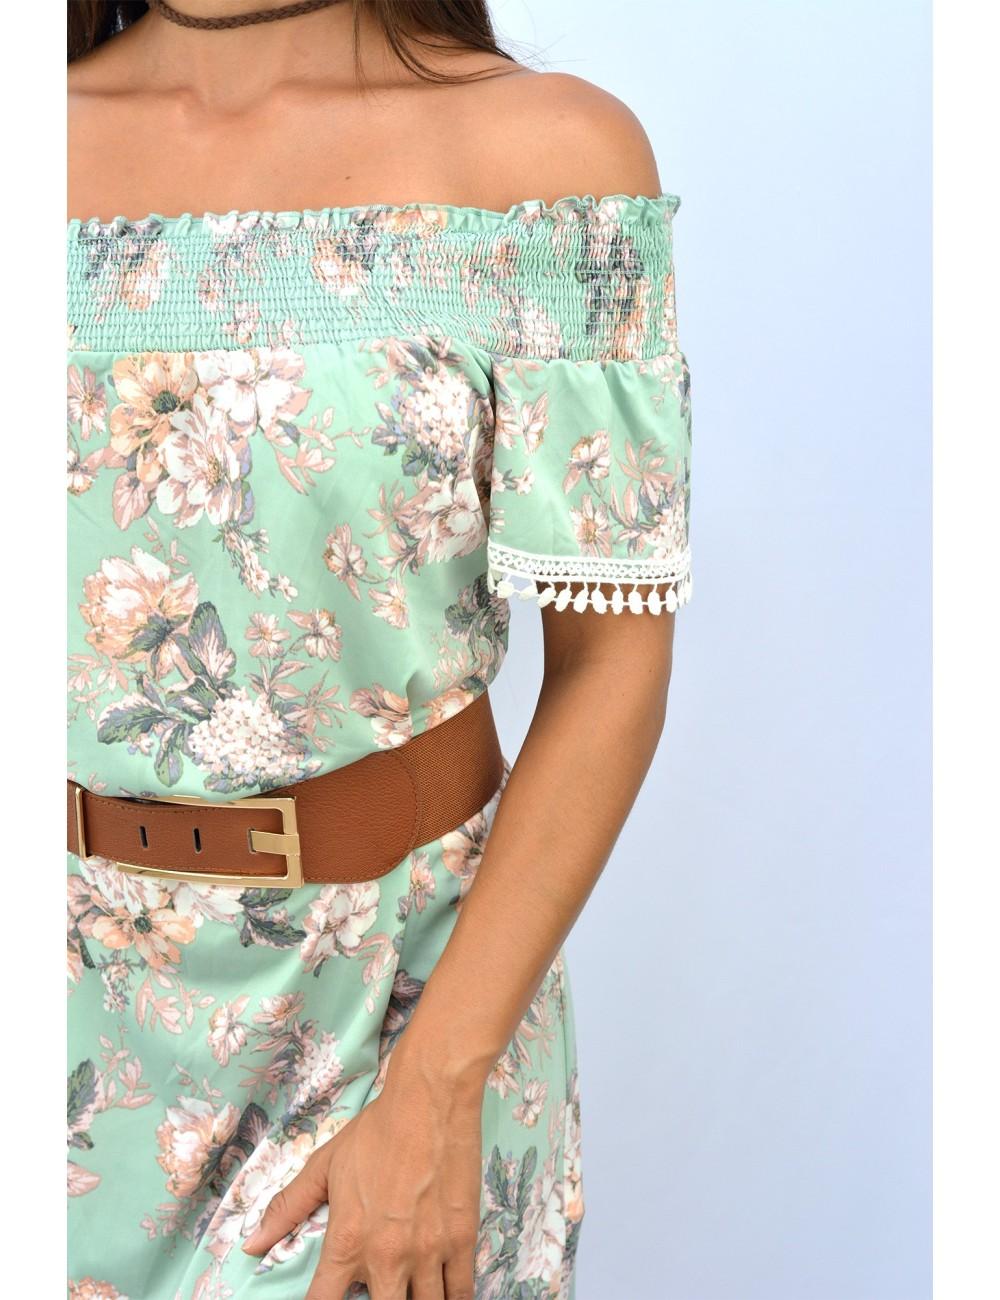 Vestido color menta estampado flores con bordado crochet